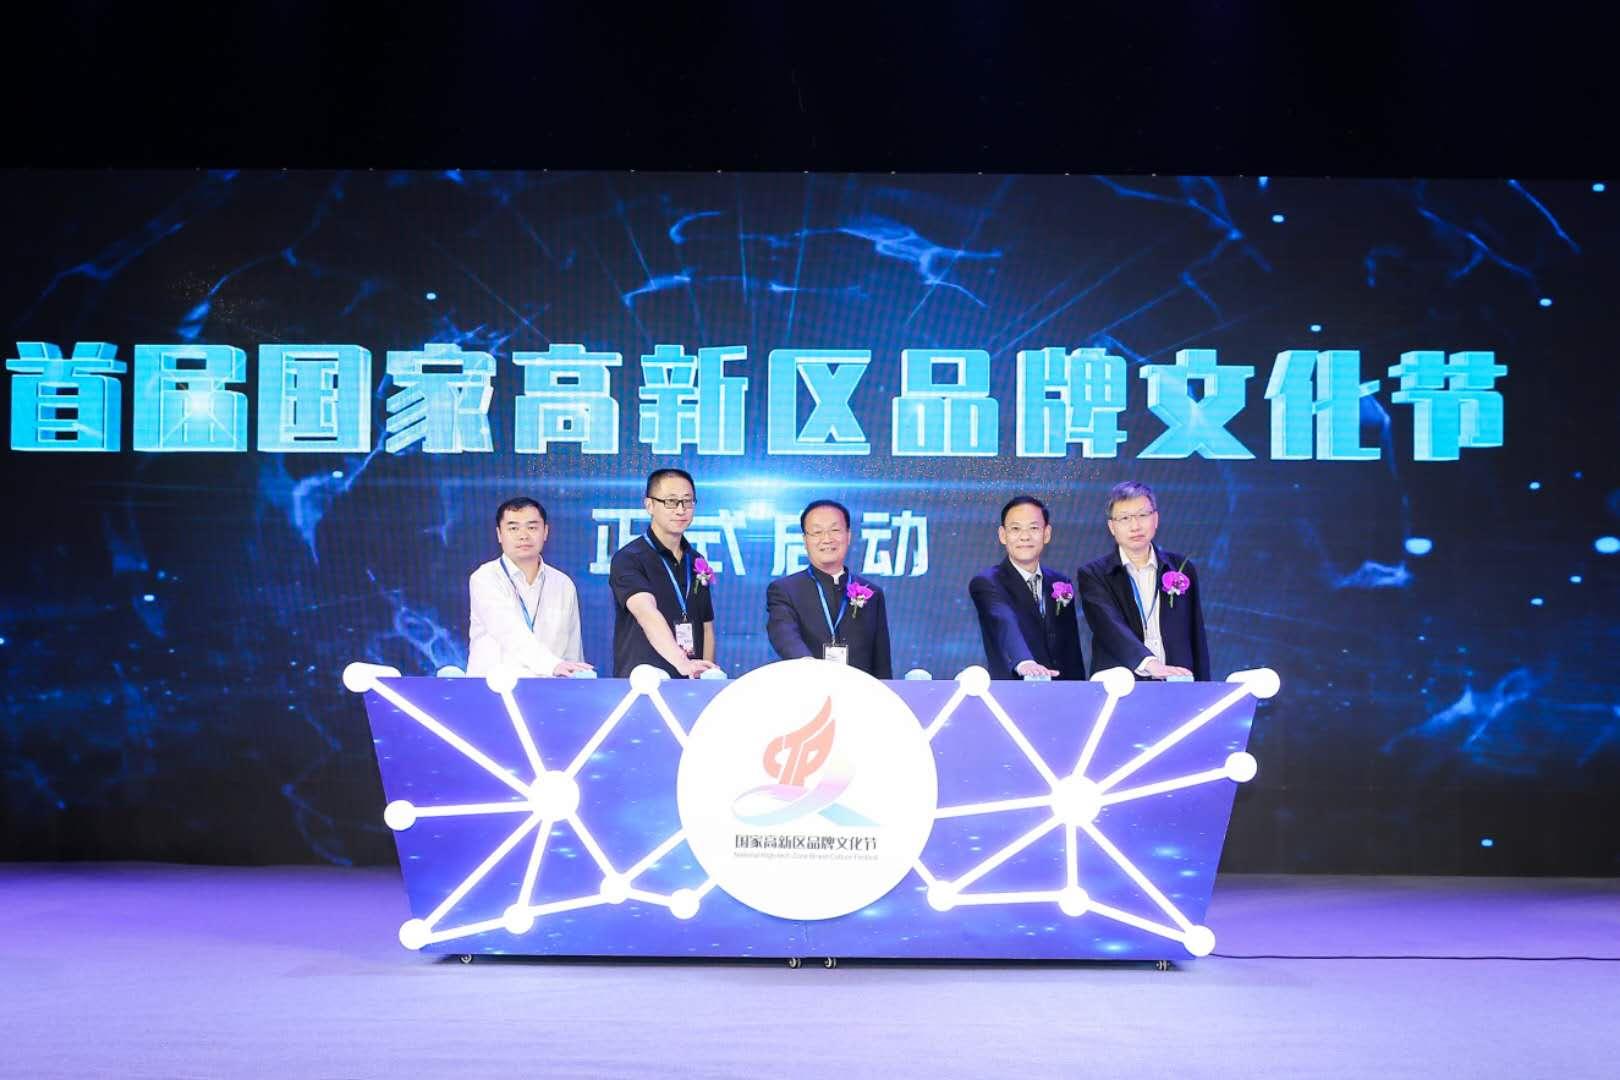 第一届国家高新区品牌文化节启动仪式在北京举行